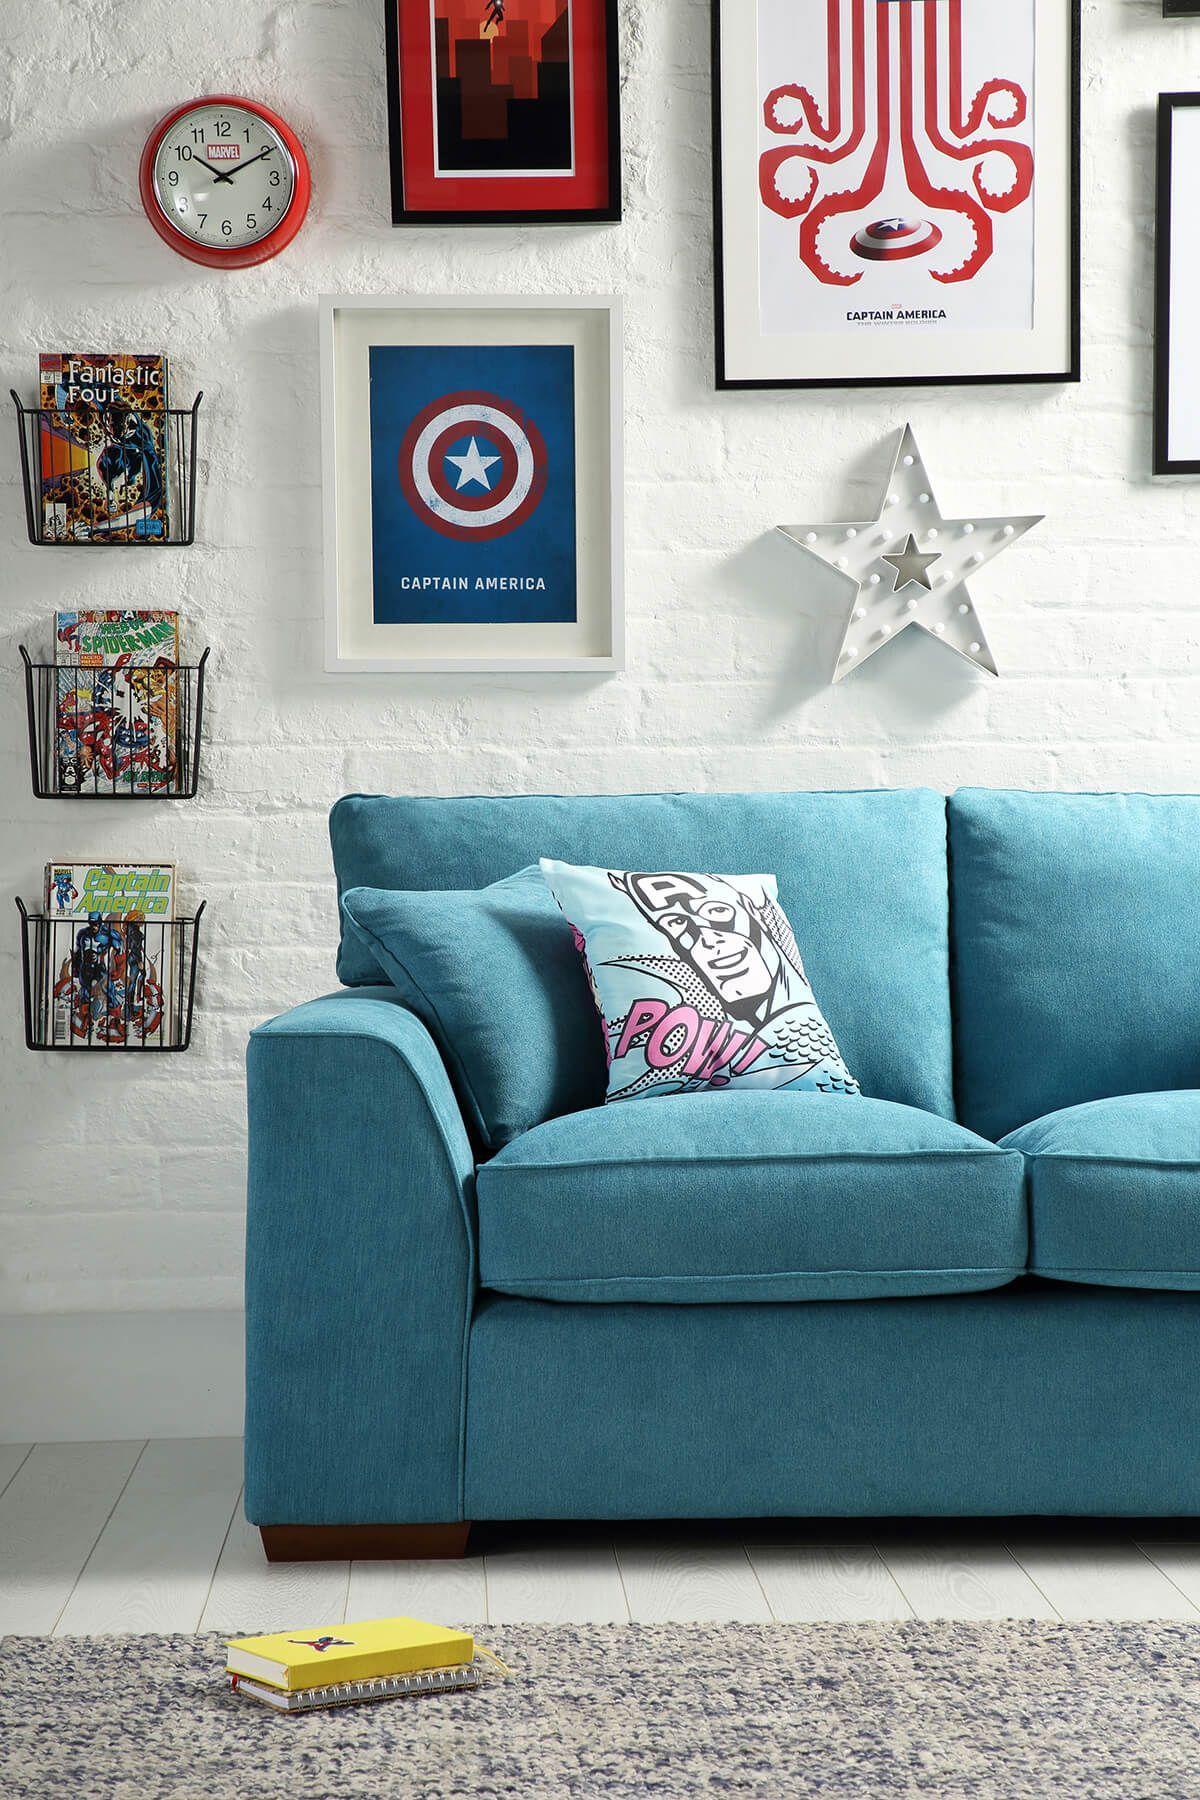 Geek Living Room Decor Geek Living Room Geek Geek Living Room Geek Living Room Ideas Geek In 2020 Marvel Room Marvel Decor Simple Living Room Decor